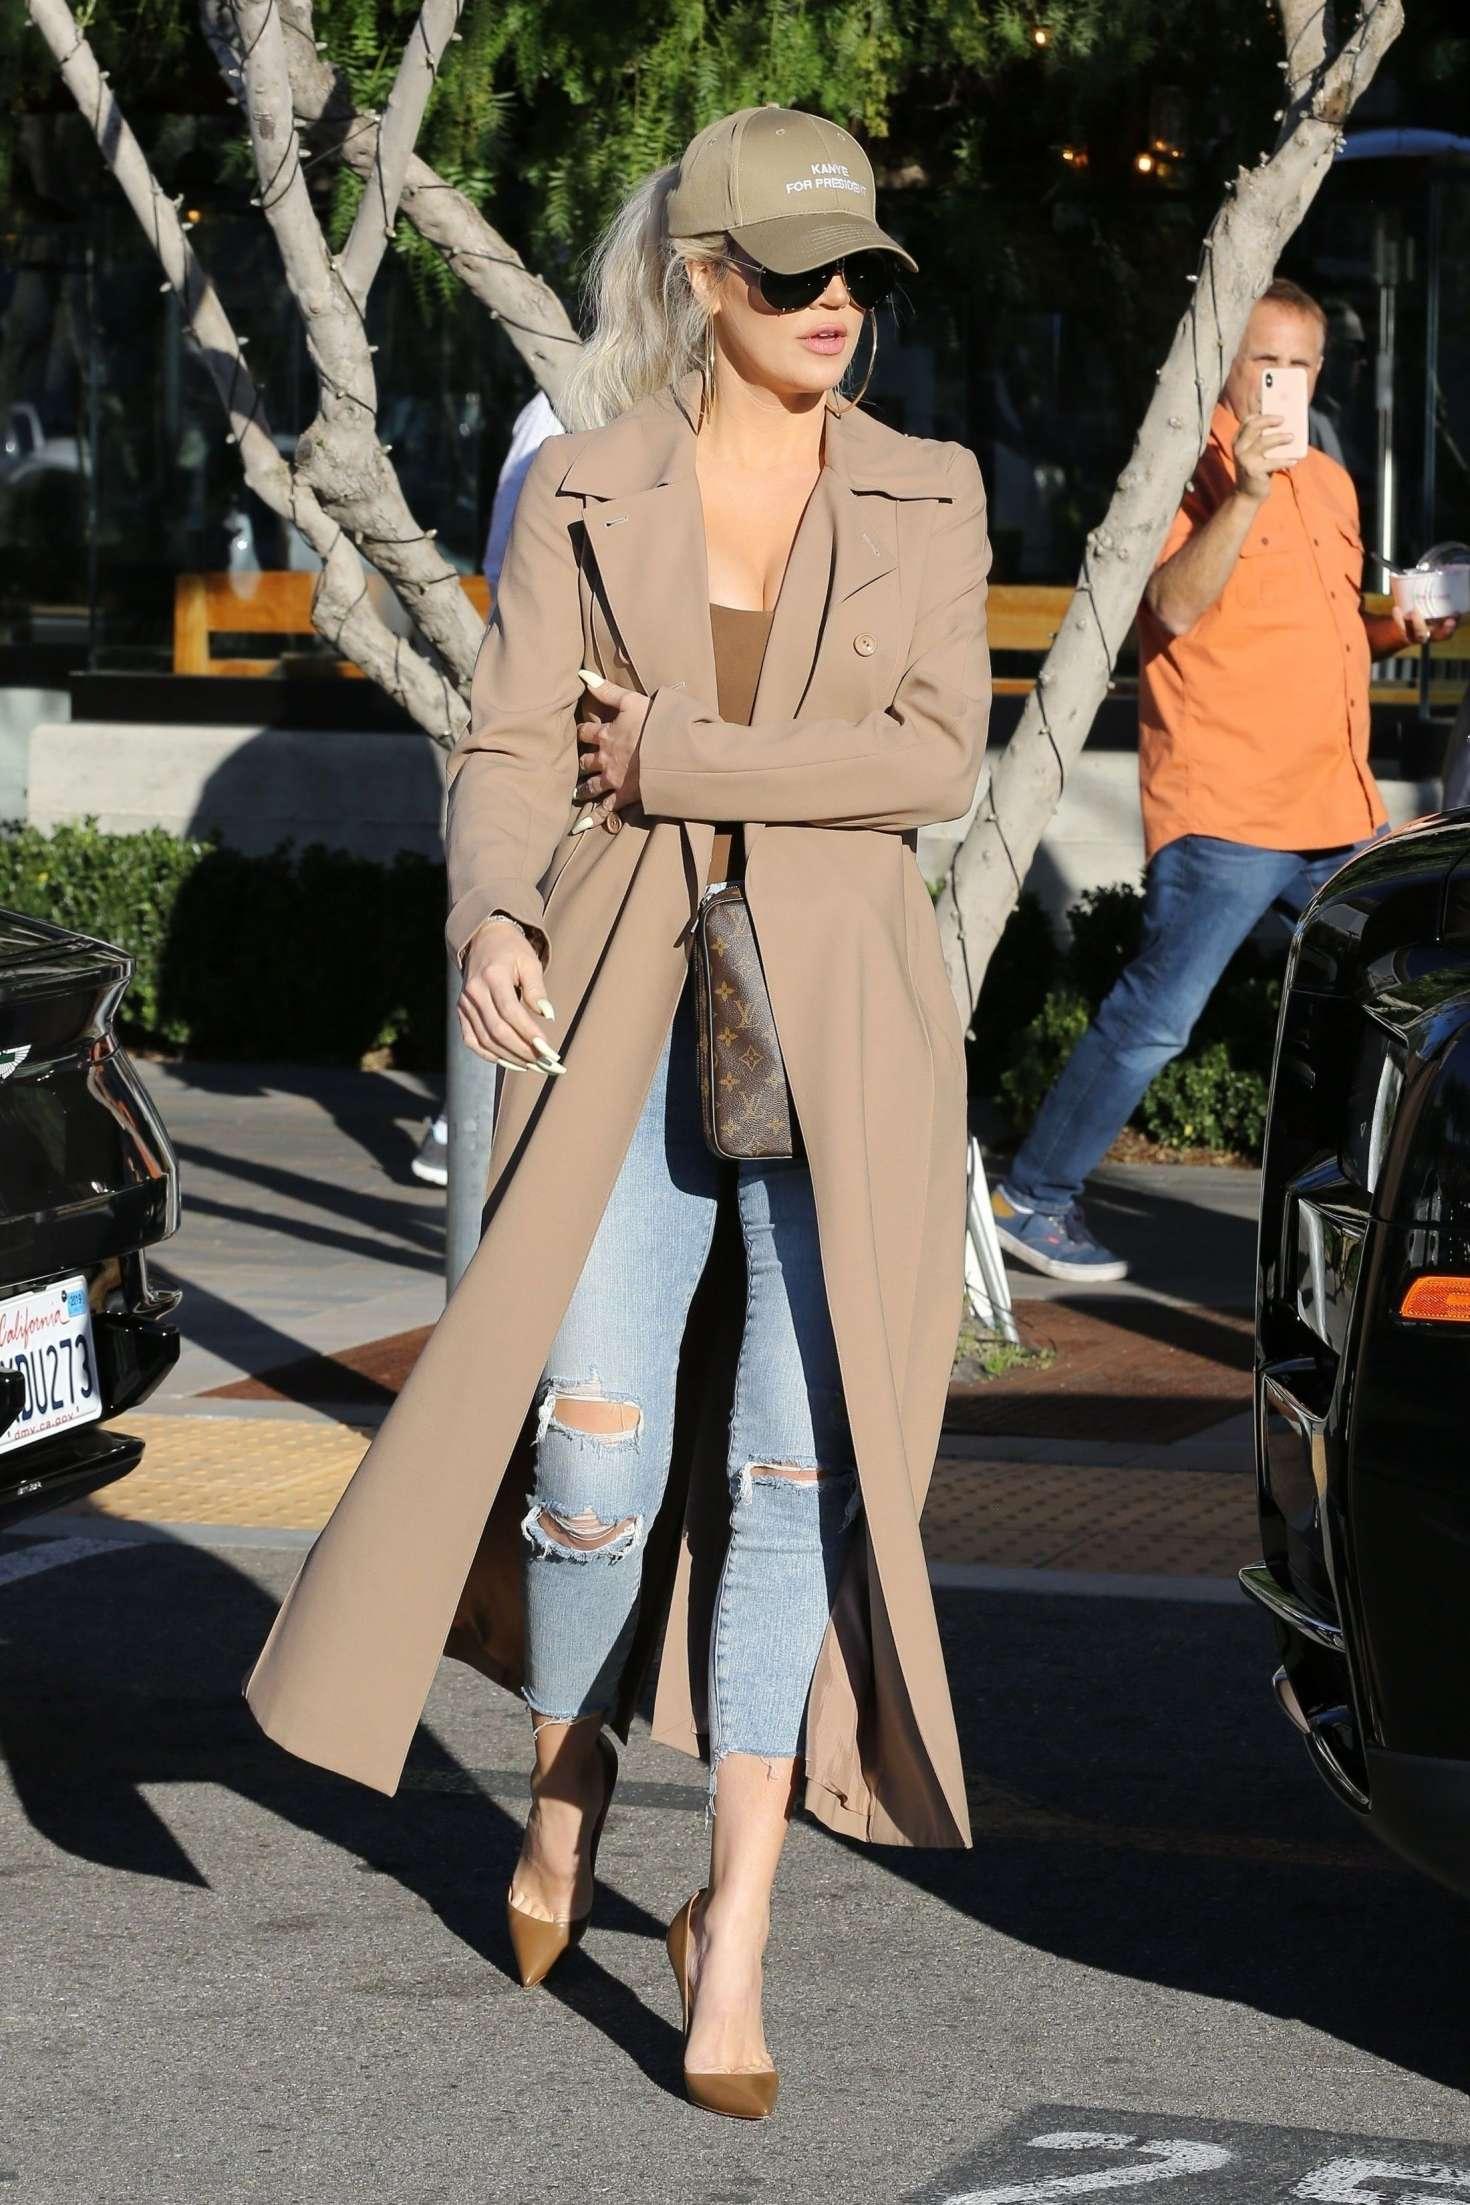 Khloe Kardashian 2019 : Khloe and Kourtney Kardashian: Filming KUWTK -04